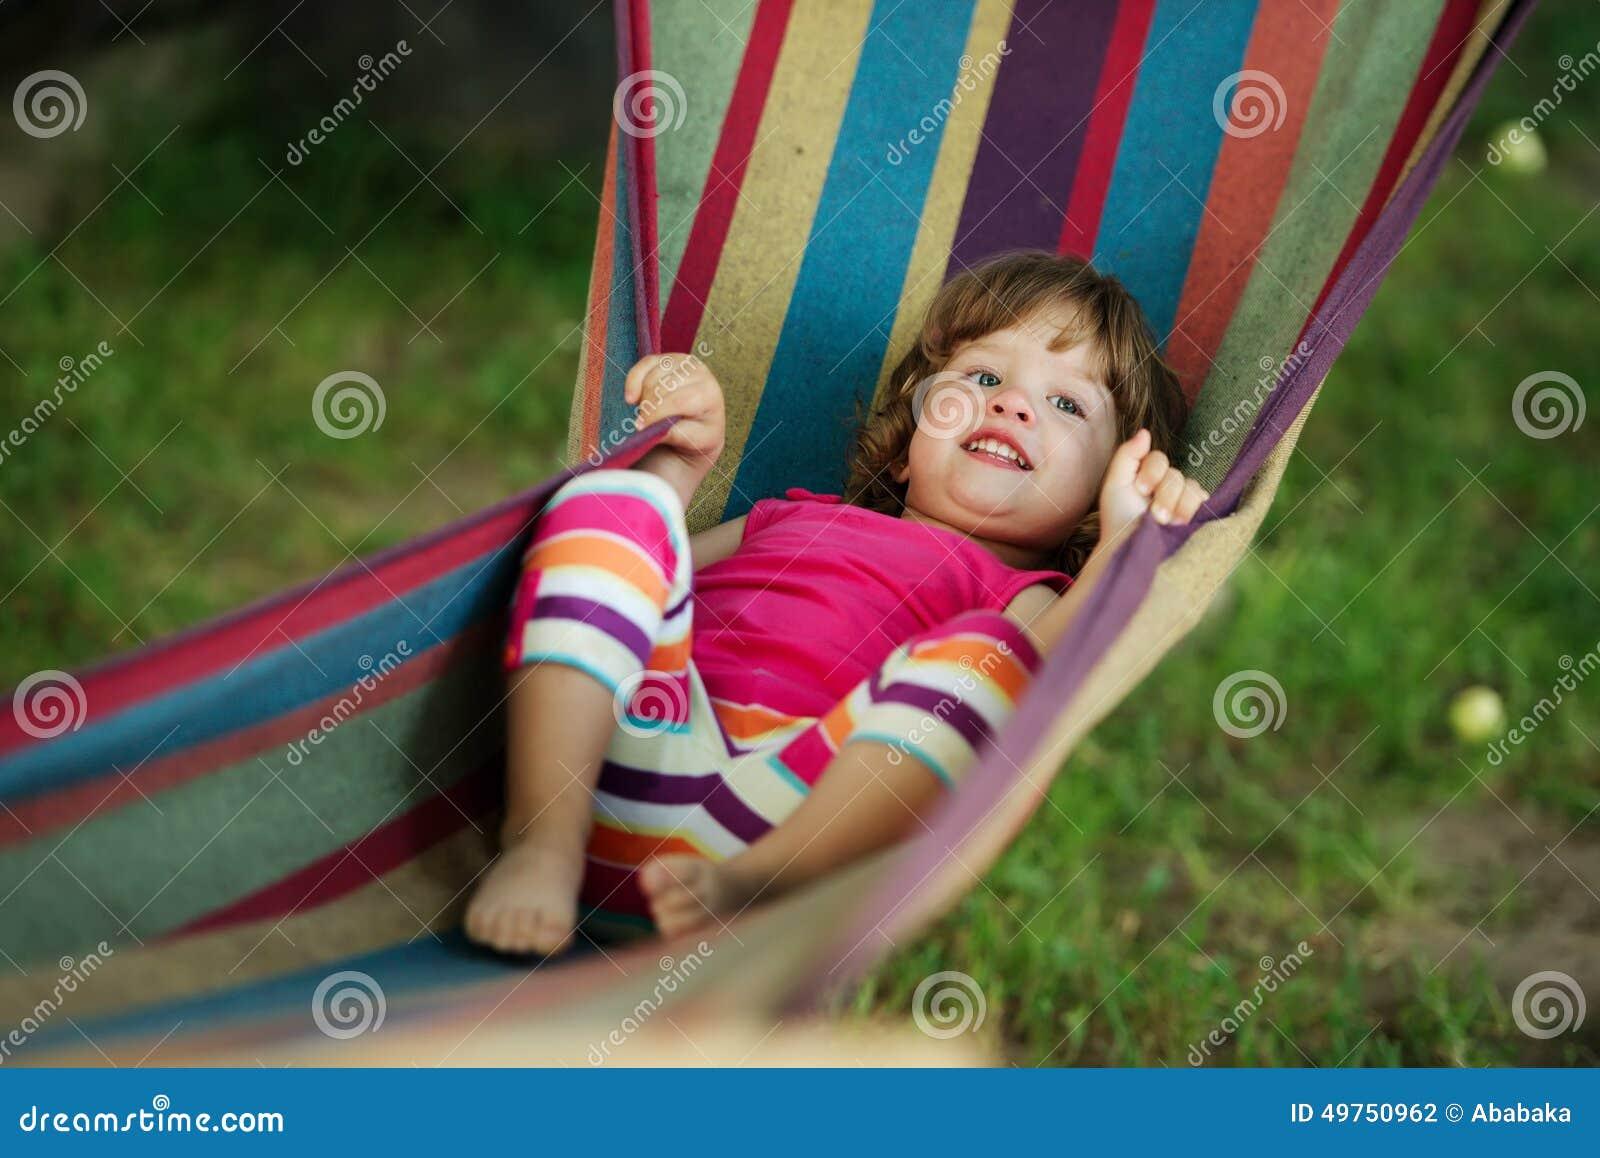 Ребенок спал в белом гамаке слинг Стоковое фото